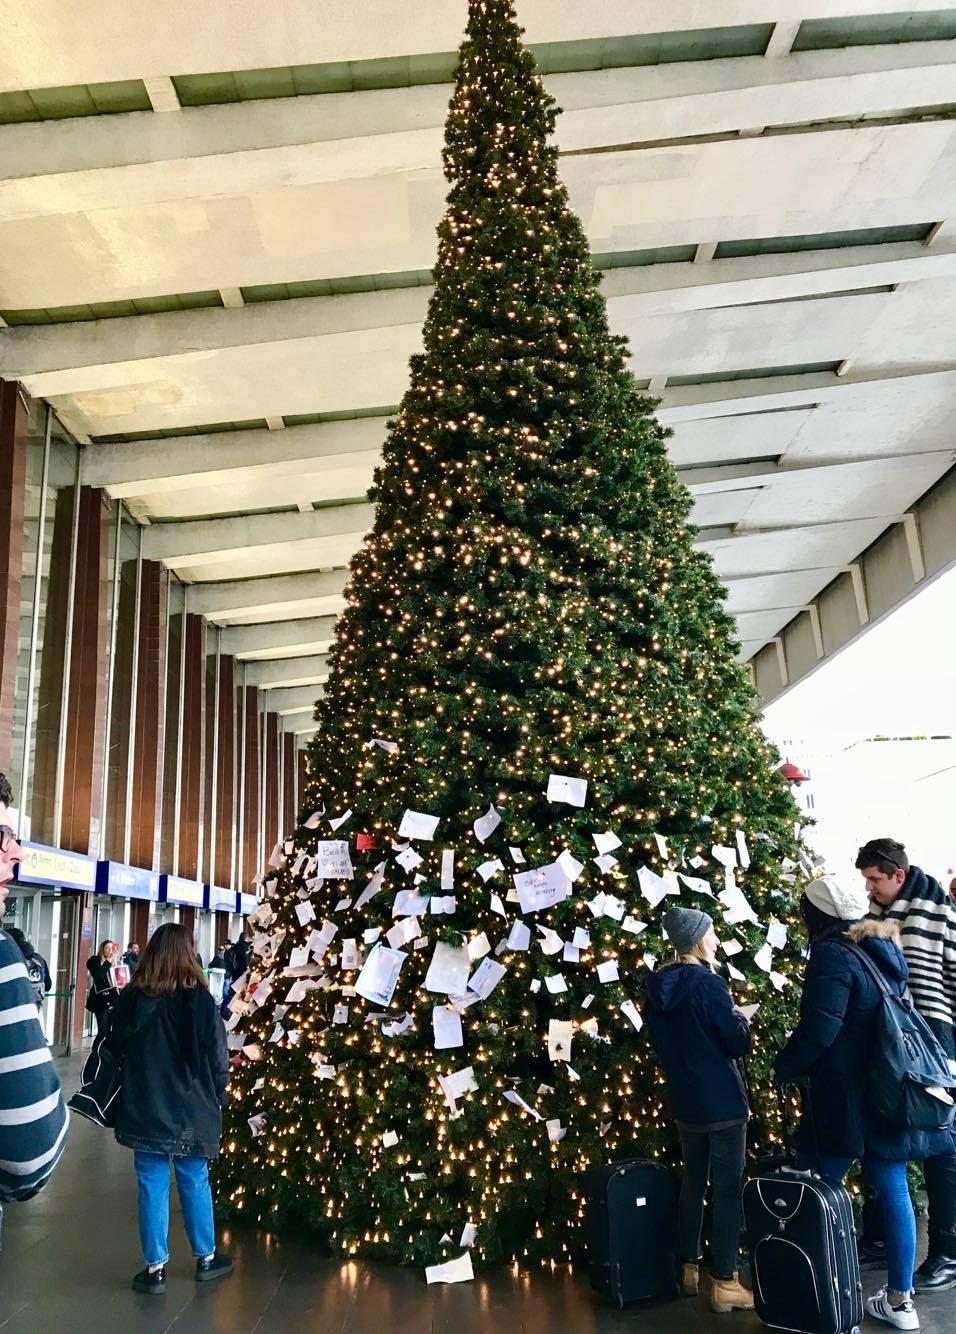 Albero Di Natale Roma 2019.L Albero Dei Desideri Il Natale Alla Stazione Termini Gli